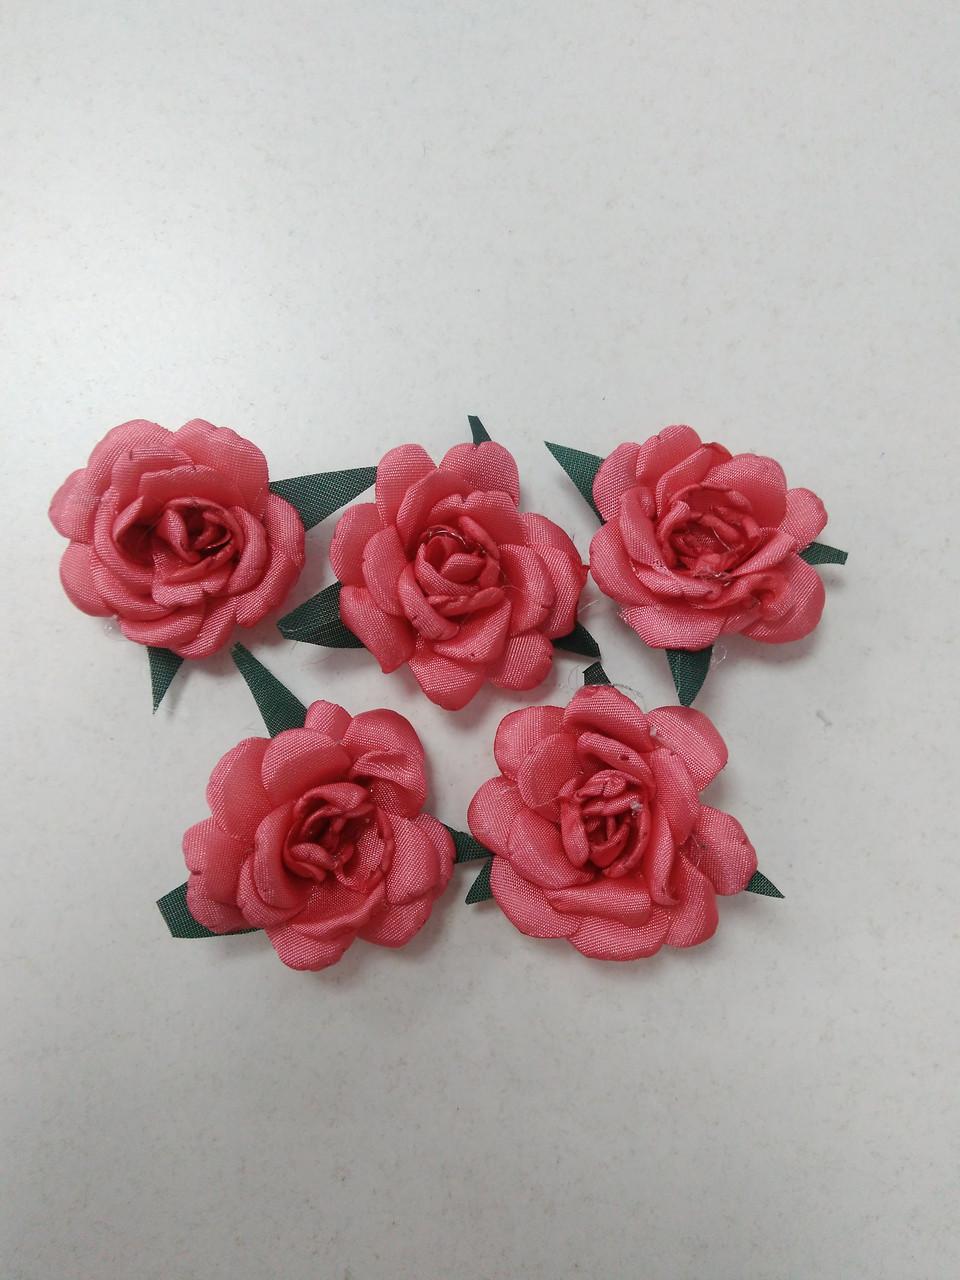 Цветы из ткани для рукоделия/розы из ткани коралловые